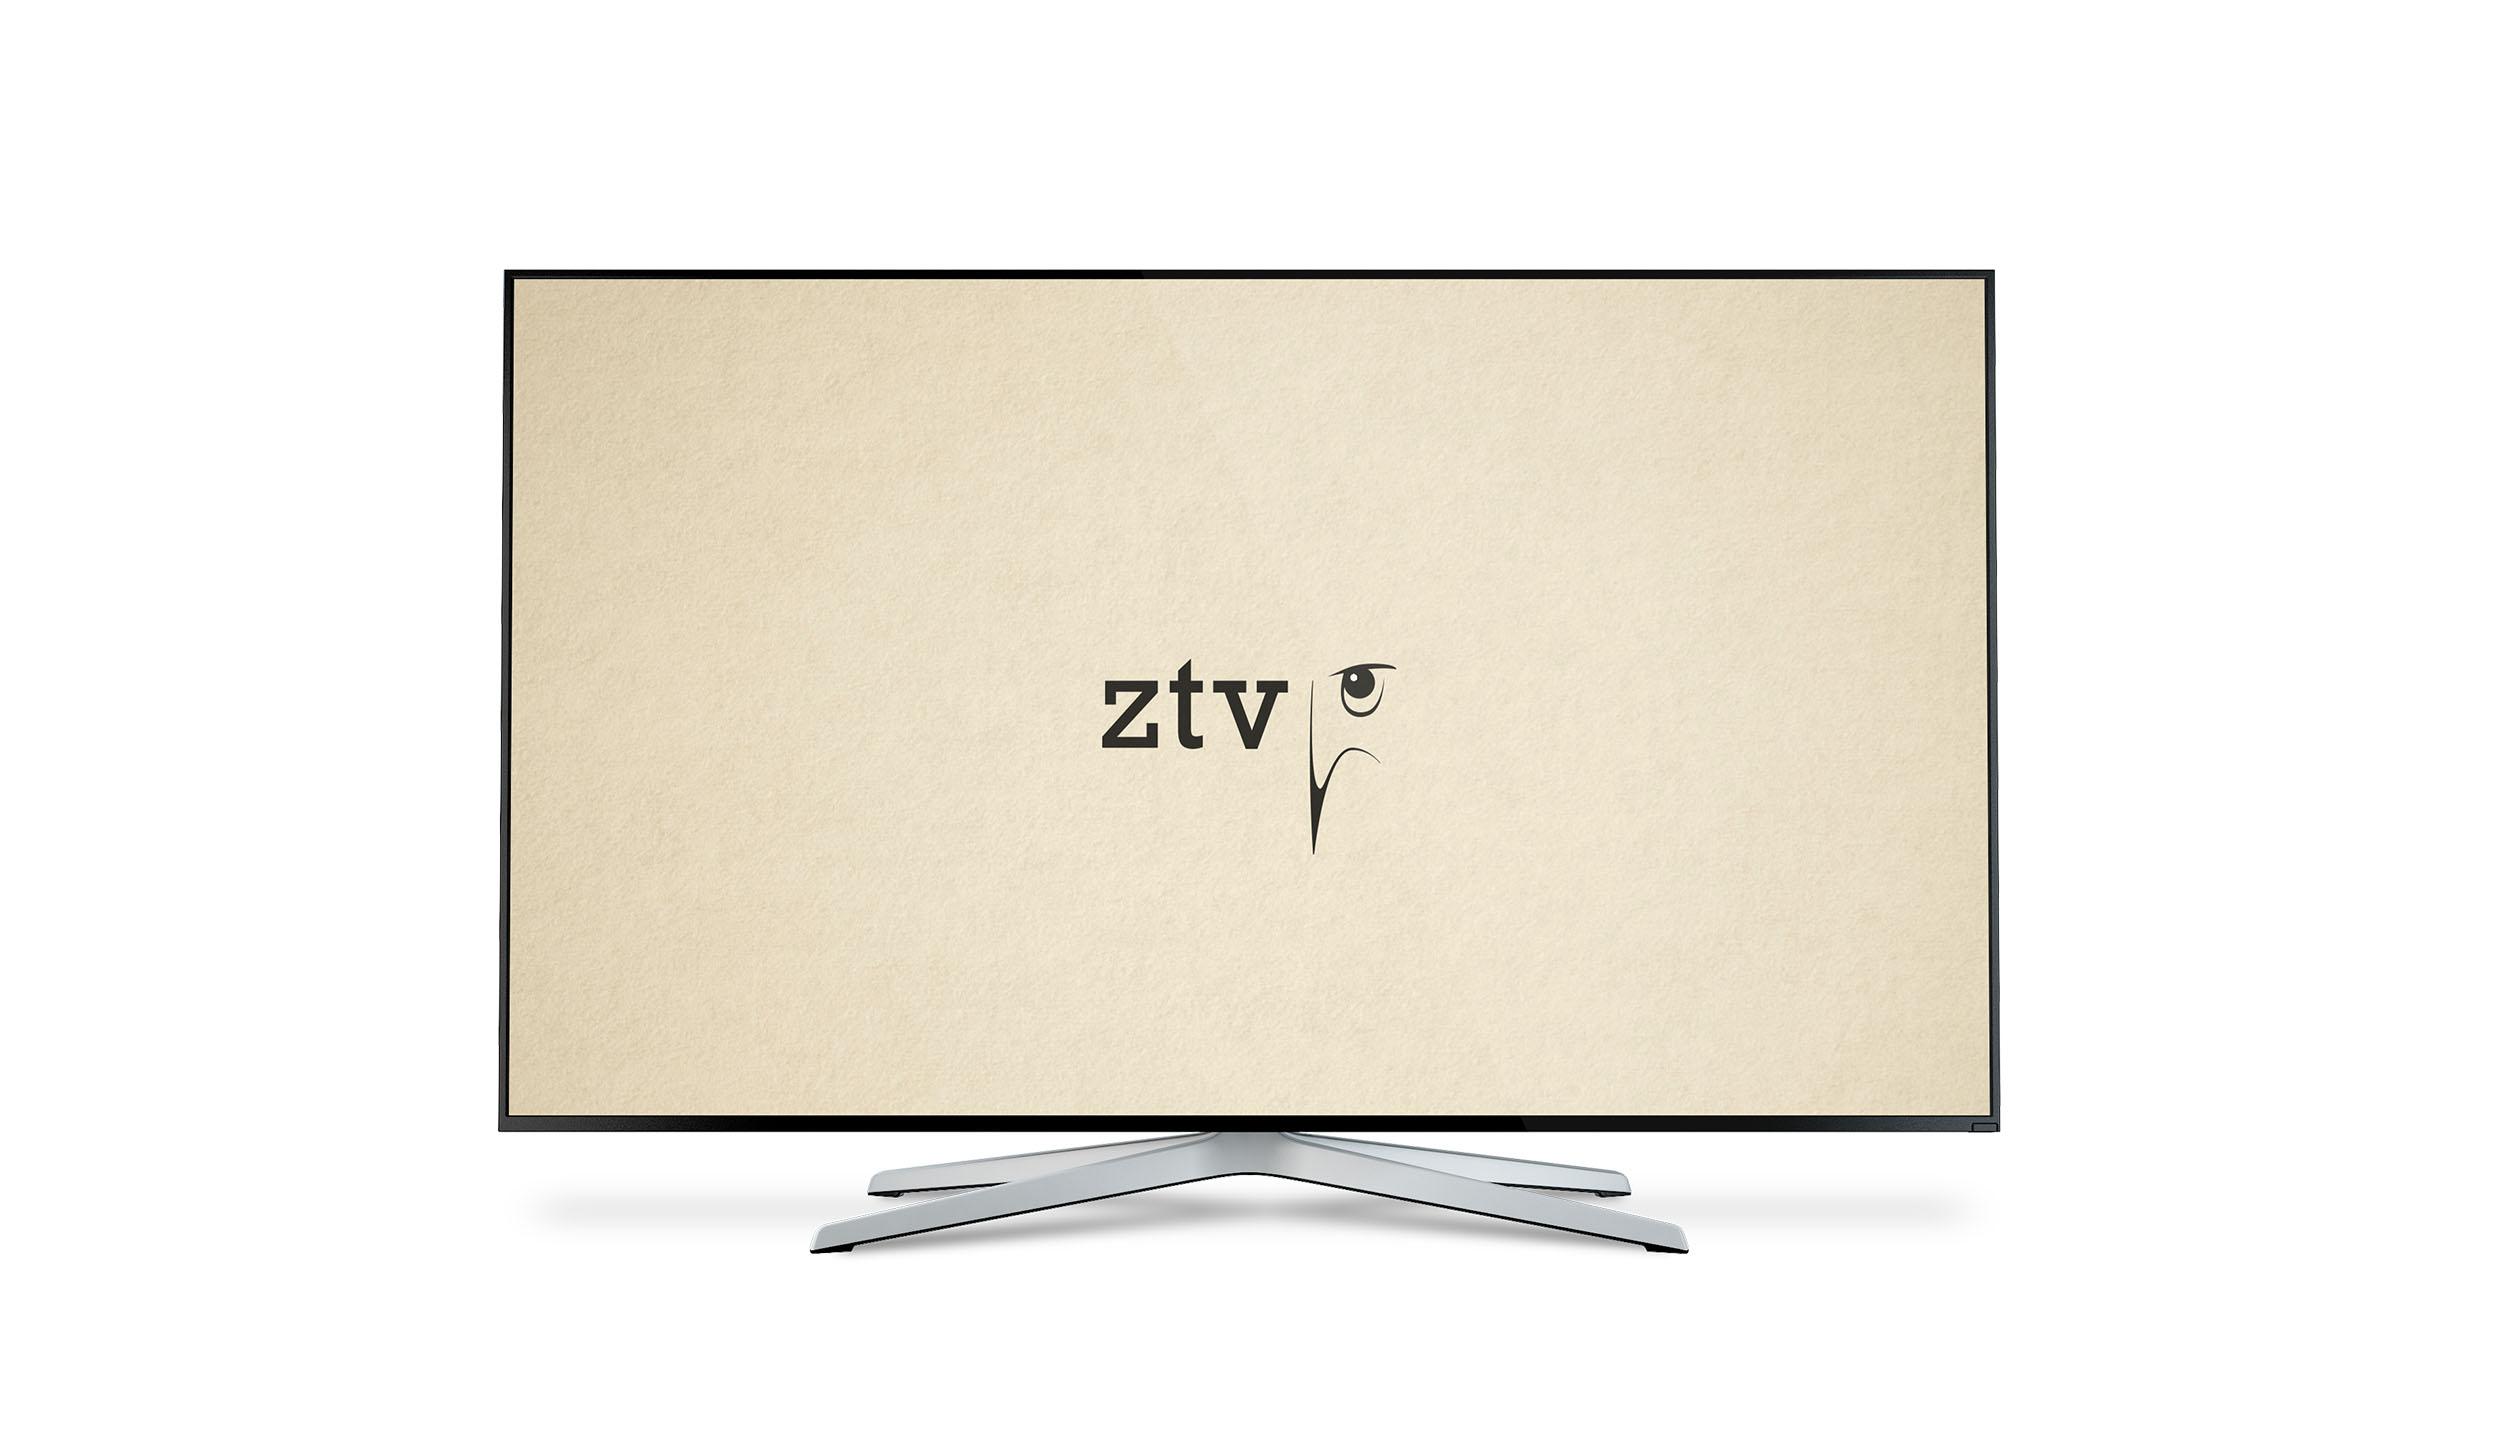 Zillertal TV - Konzept und Design Agentur für Werbung Rosa & Leni